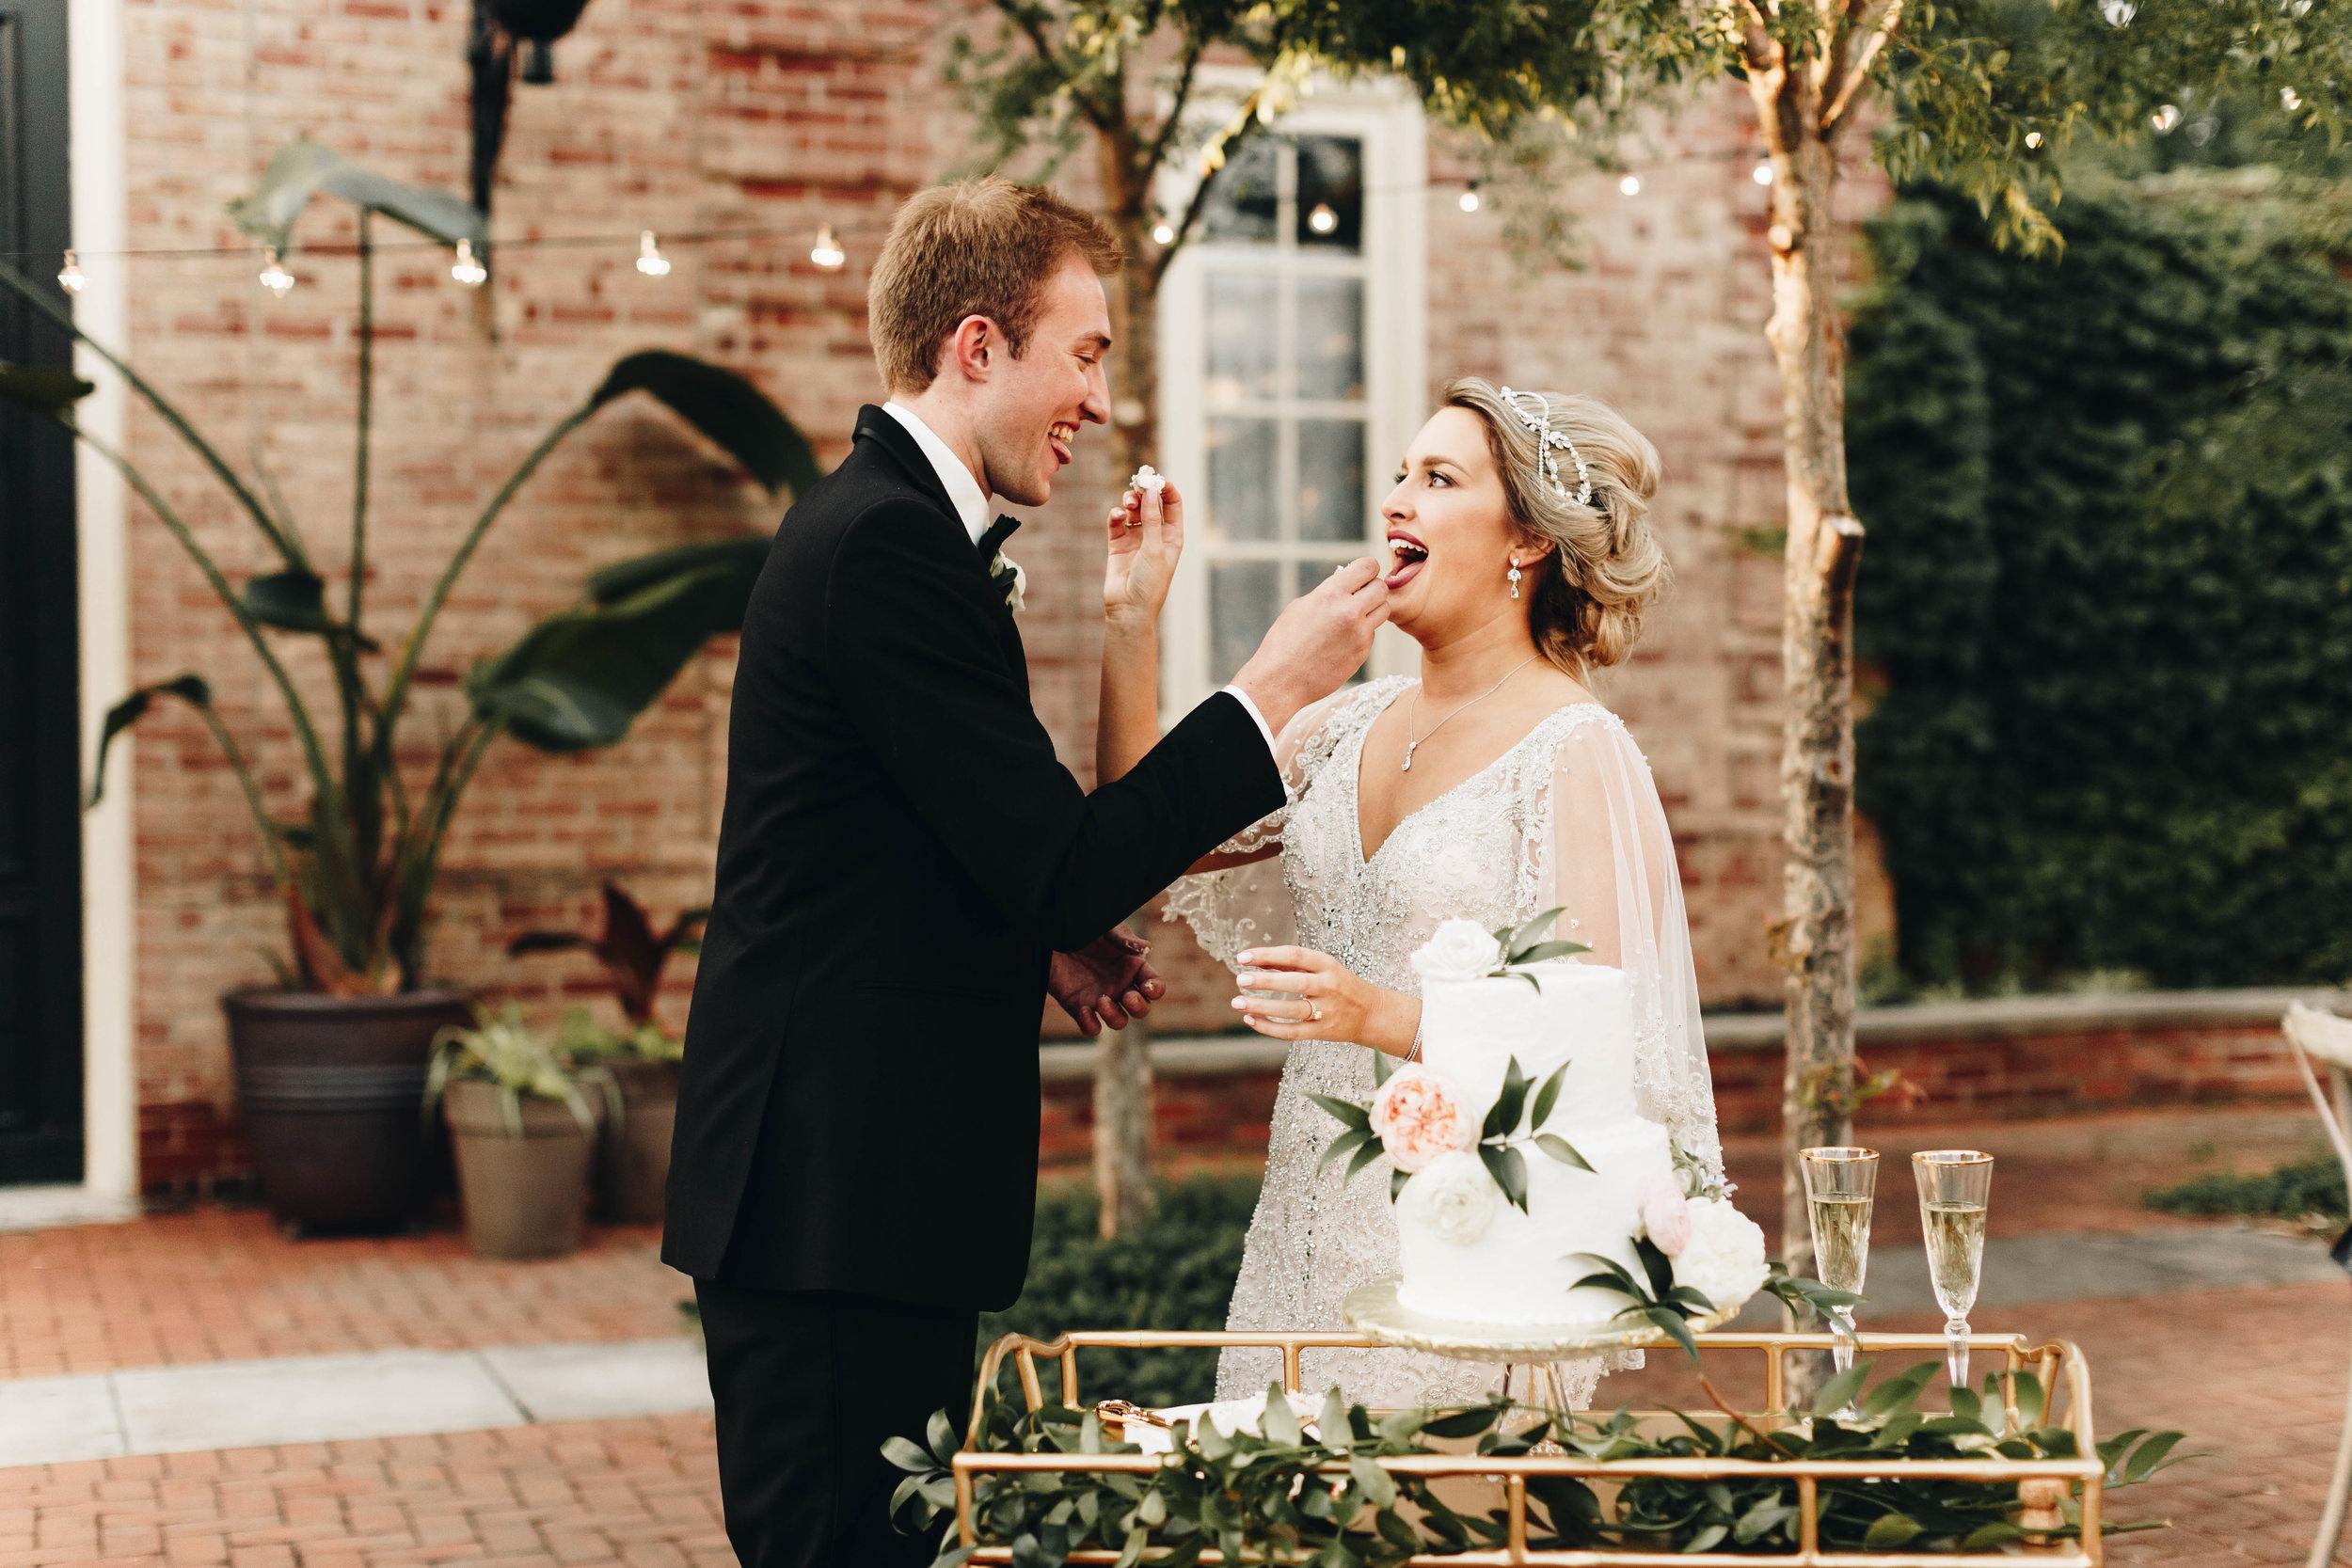 Cincinnati+wedding+photographer-68.jpeg